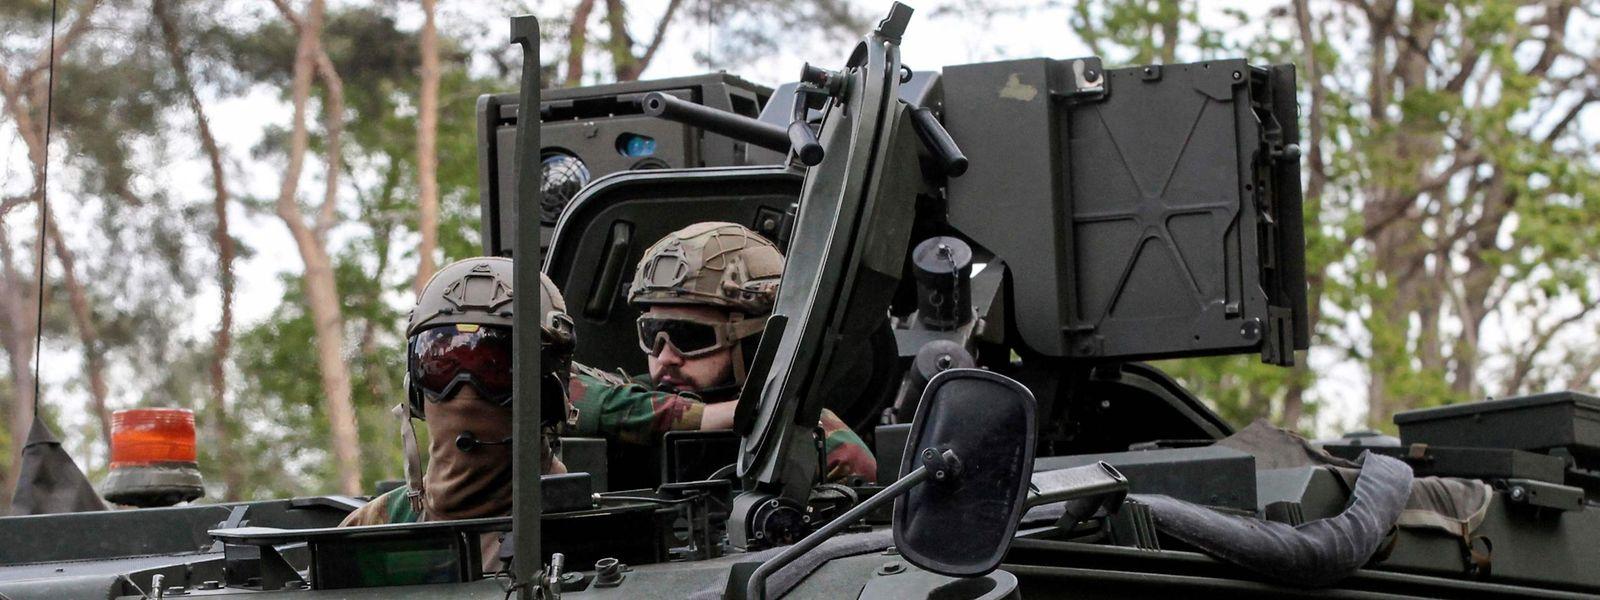 Das belgische Militär fährt auf der Suche nach dem abtrünnigen Kameraden schweres Geschütz auf.